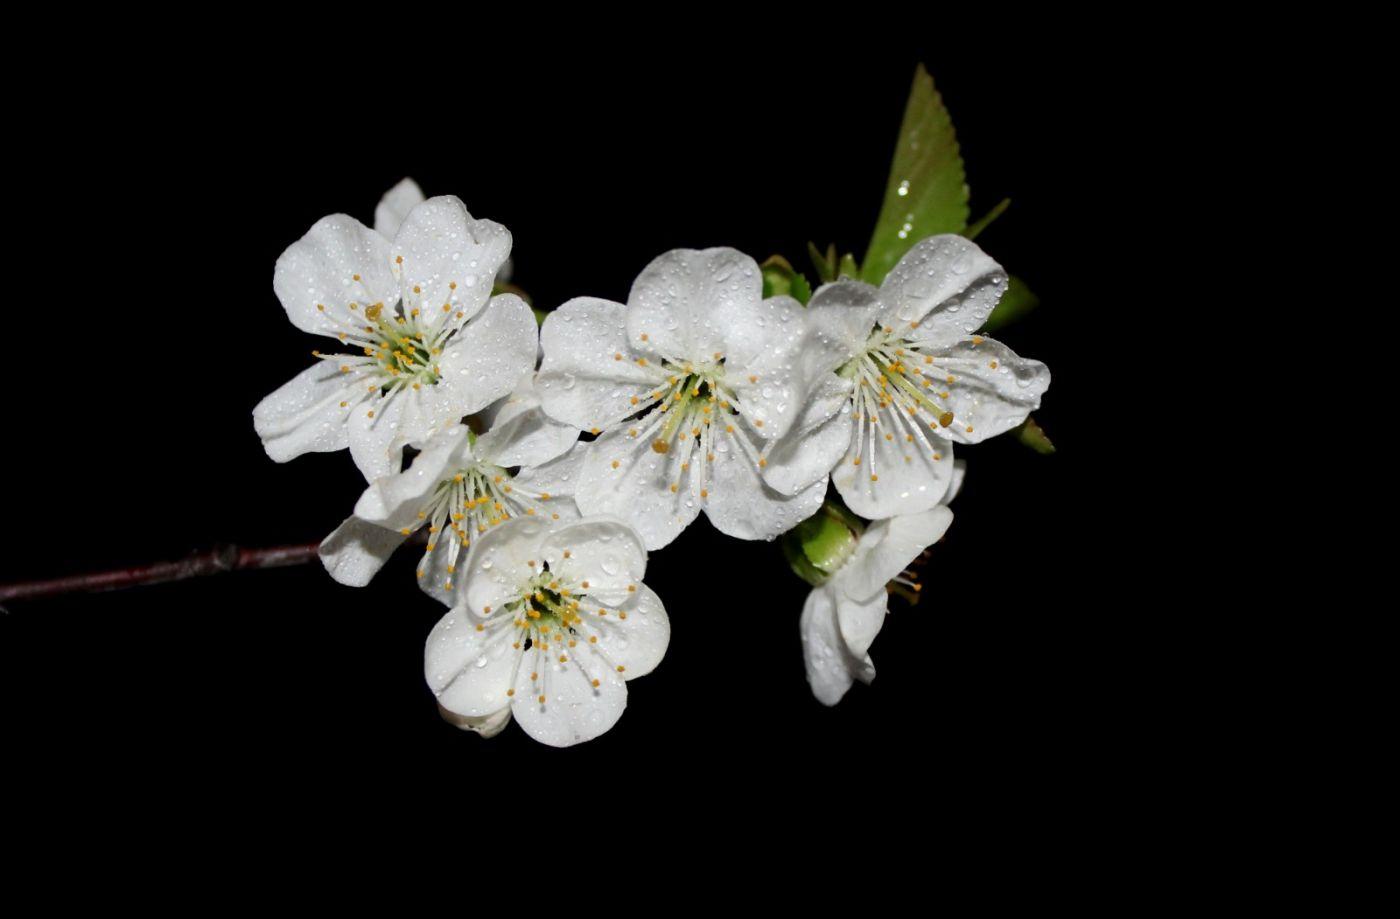 欧洲樱桃花开_图1-15